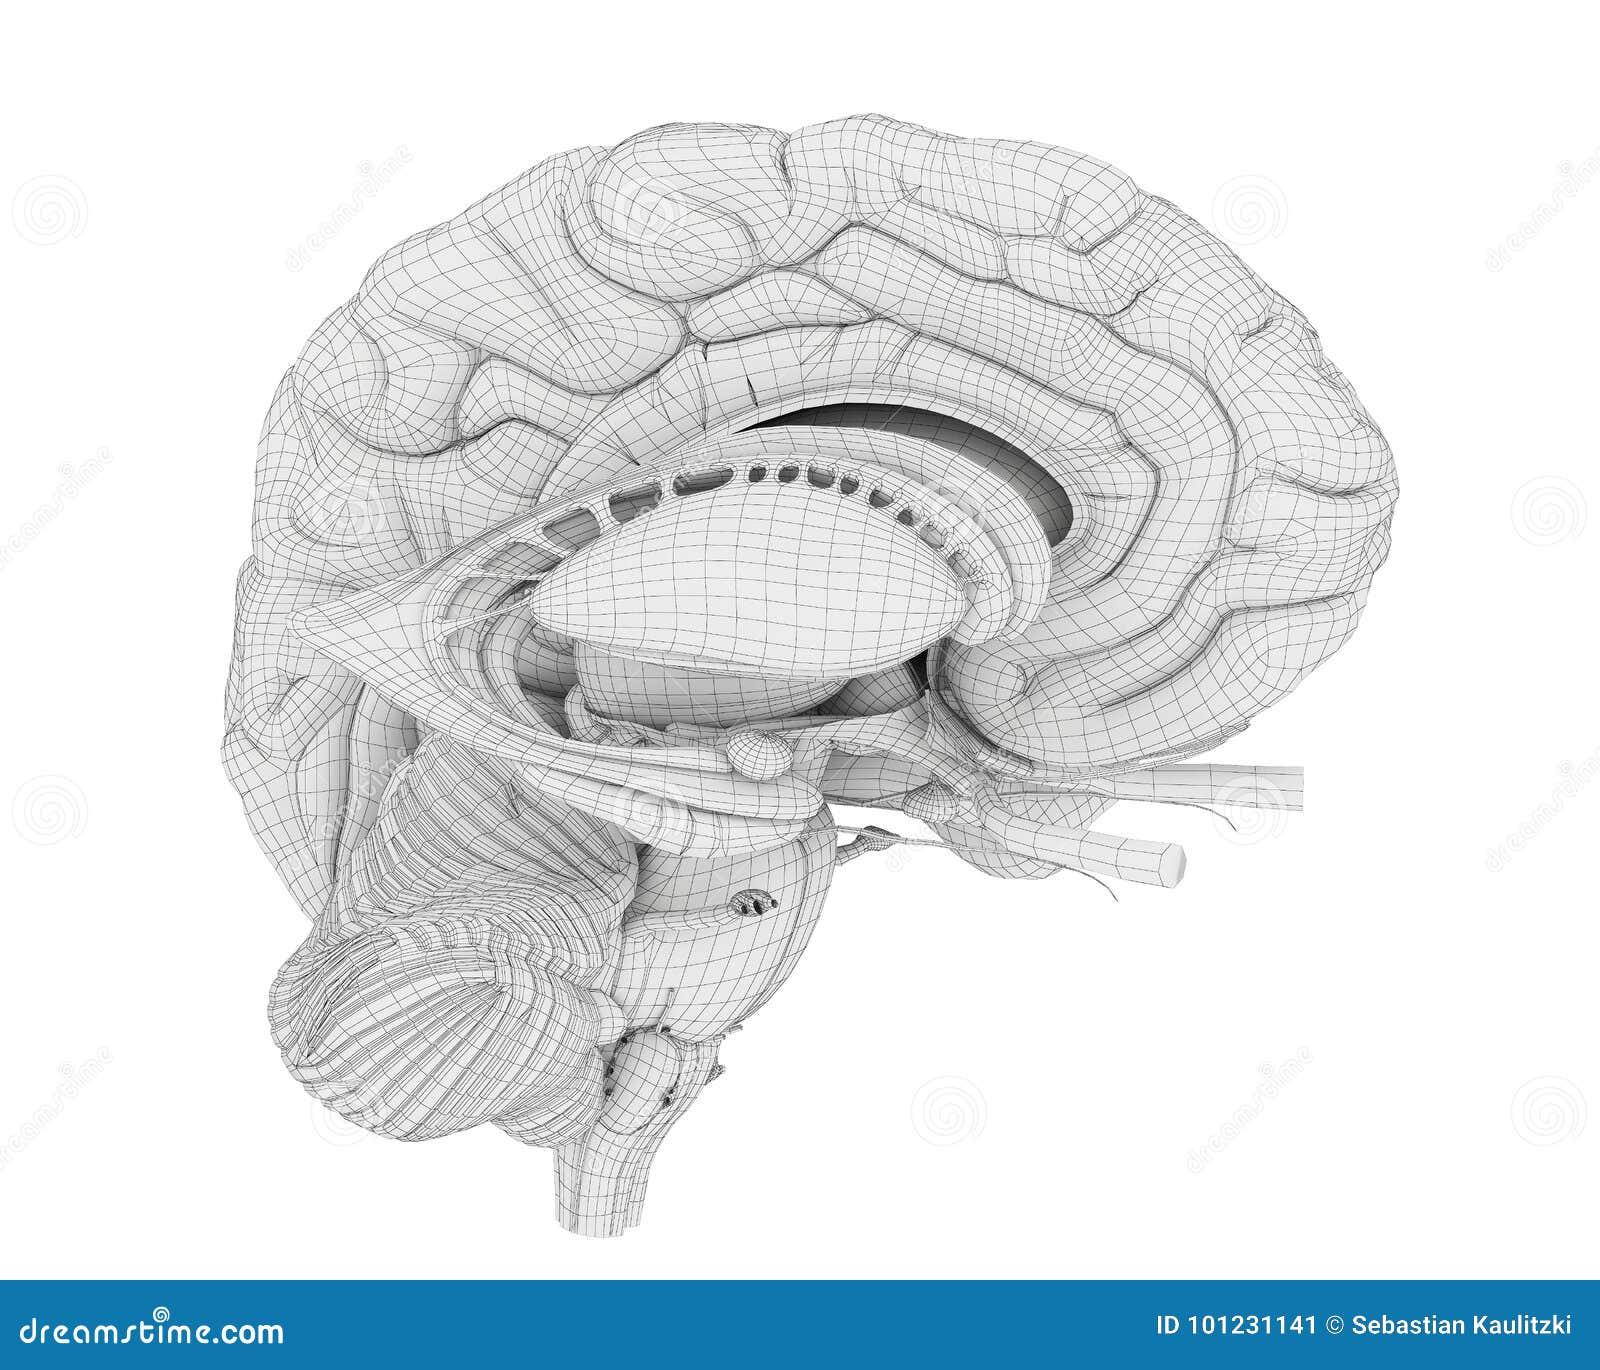 The brain anatomy stock illustration. Illustration of human - 101231141